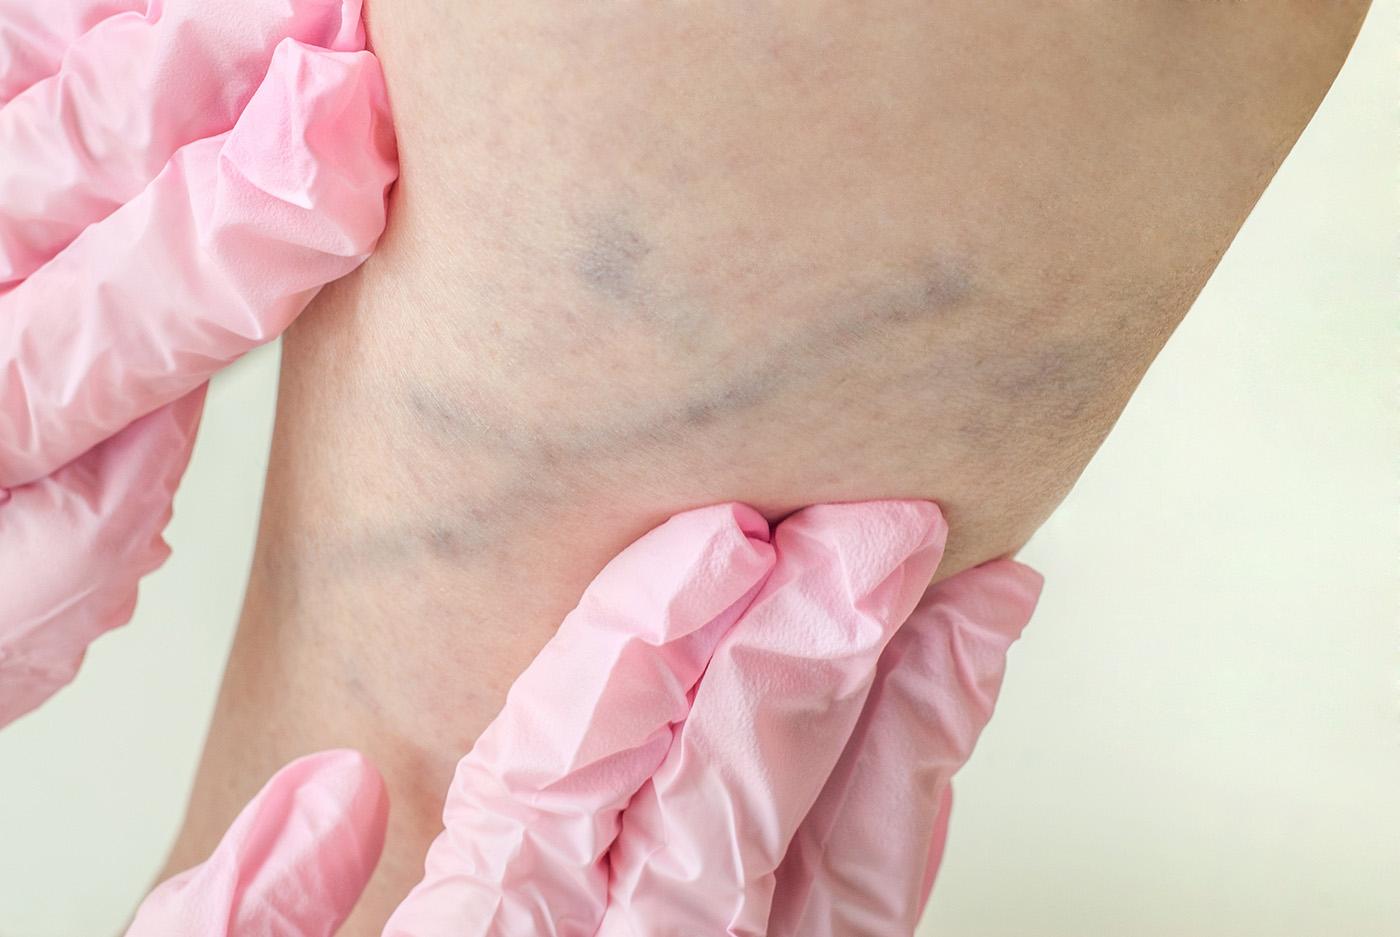 vérrögökkel járó visszérműtét